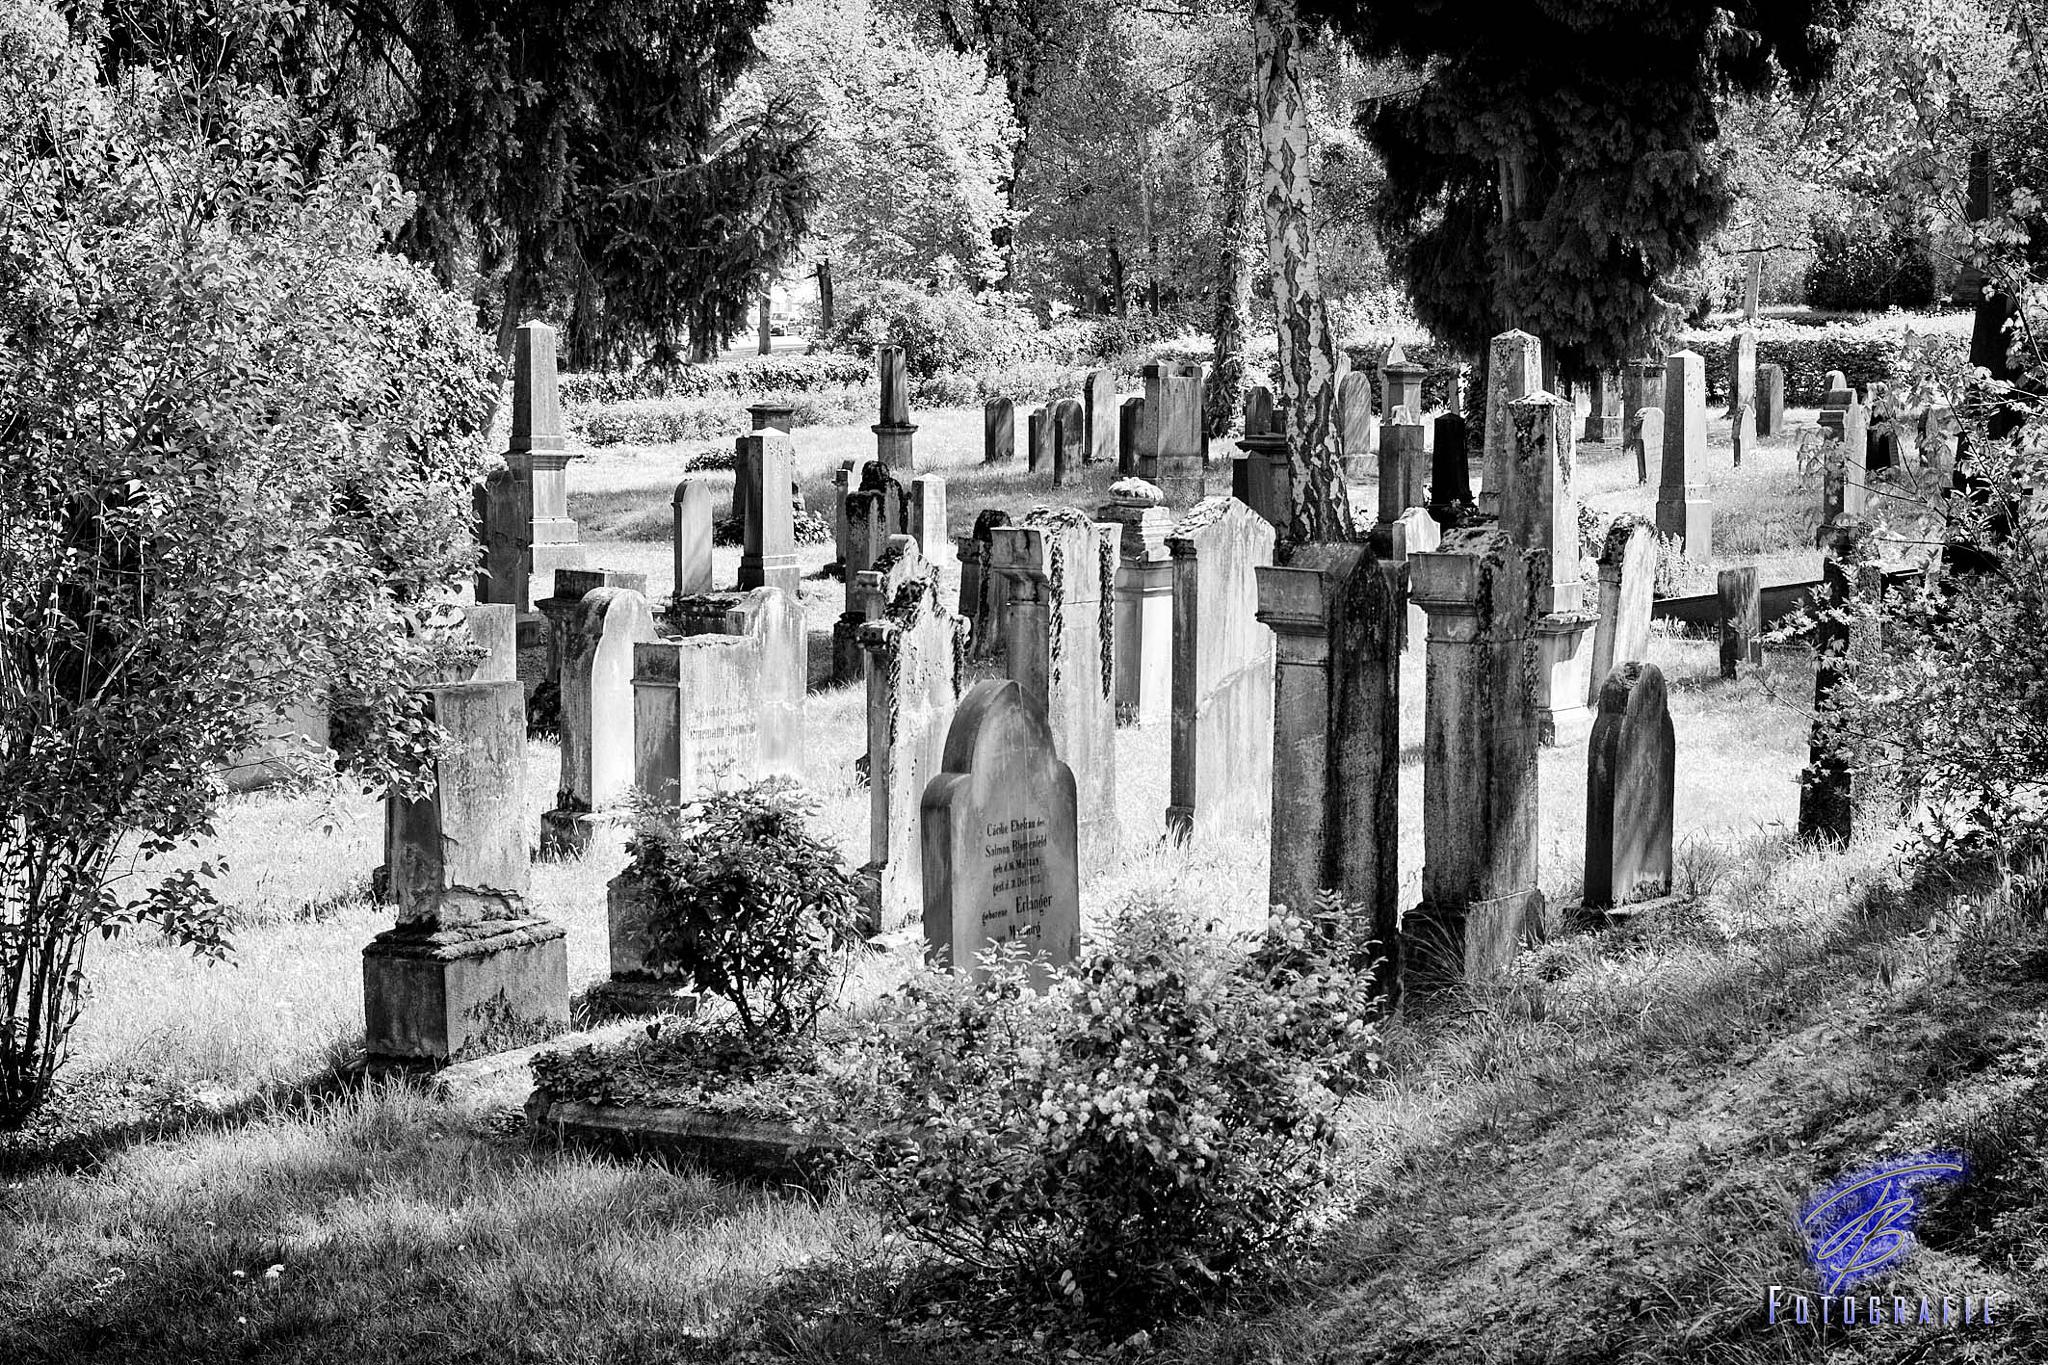 Alter Friedhof, Giesen by Frank-Beck-Giessen